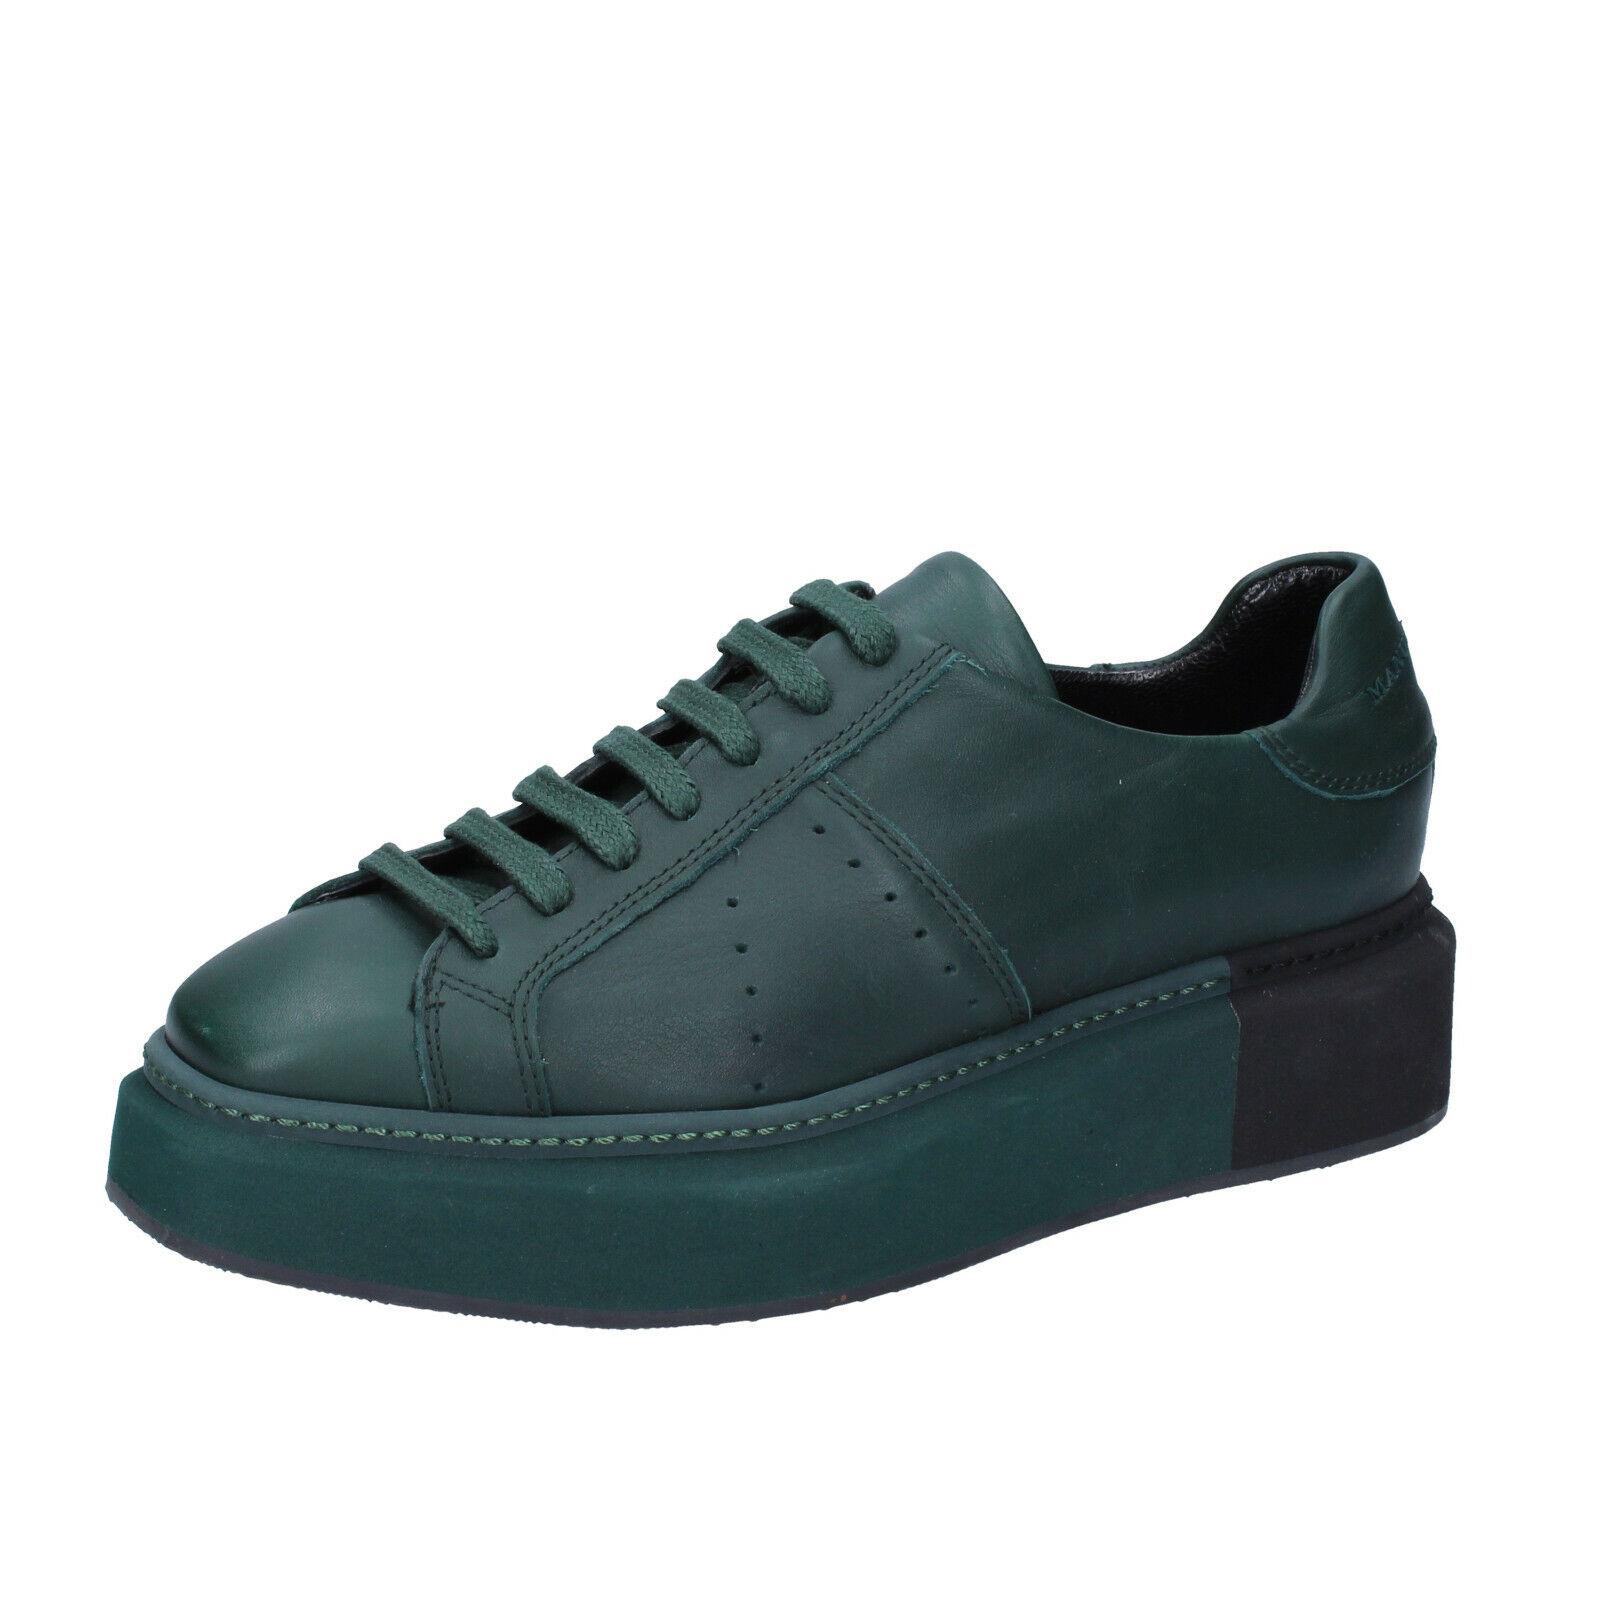 Scarpe da  donna MANUEL BARCELO 4 (UE 37) scarpe da ginnastica in pelle verde BS329 -37  alla moda